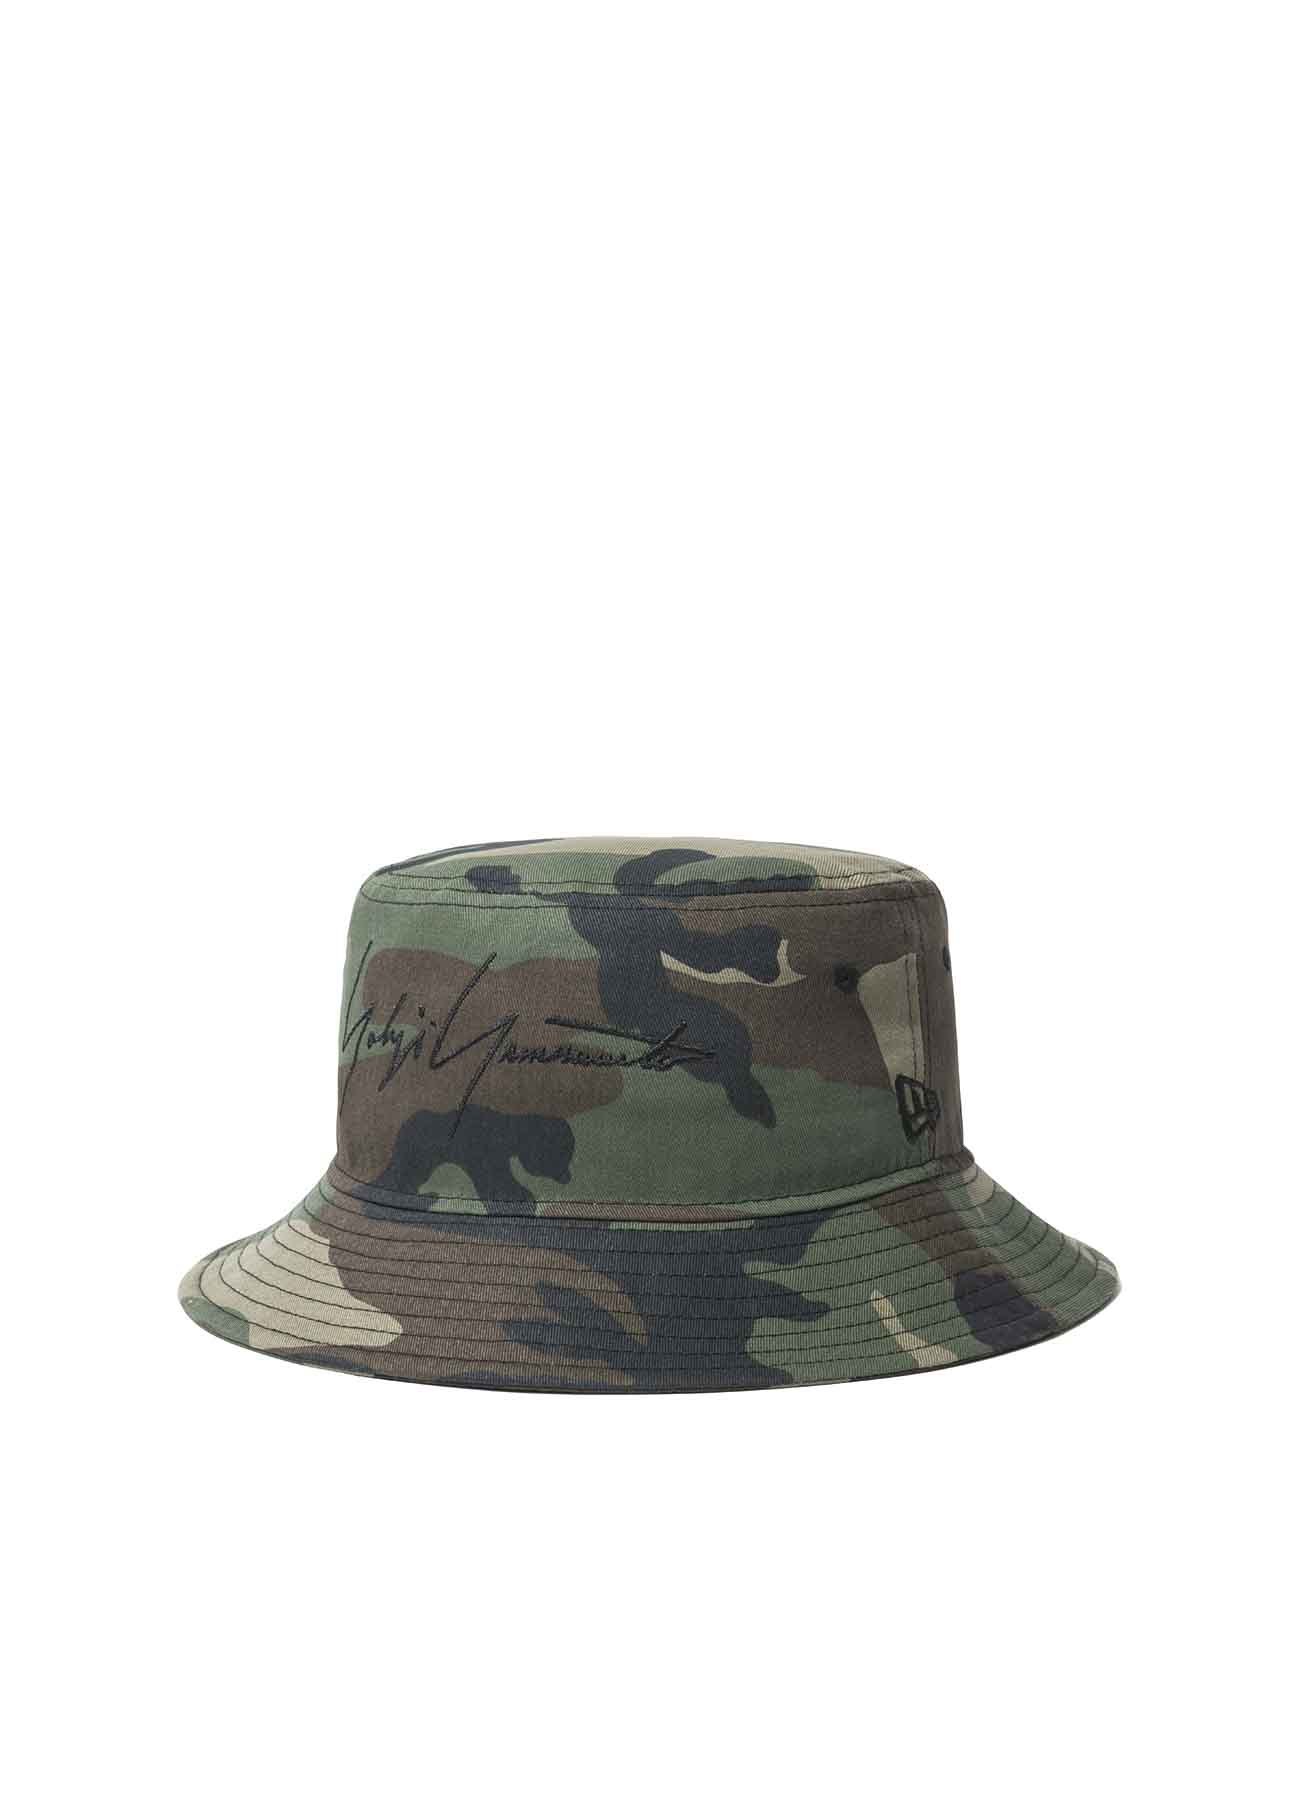 Yohji Yamamoto × New Era Bucket Camouflage Cotton